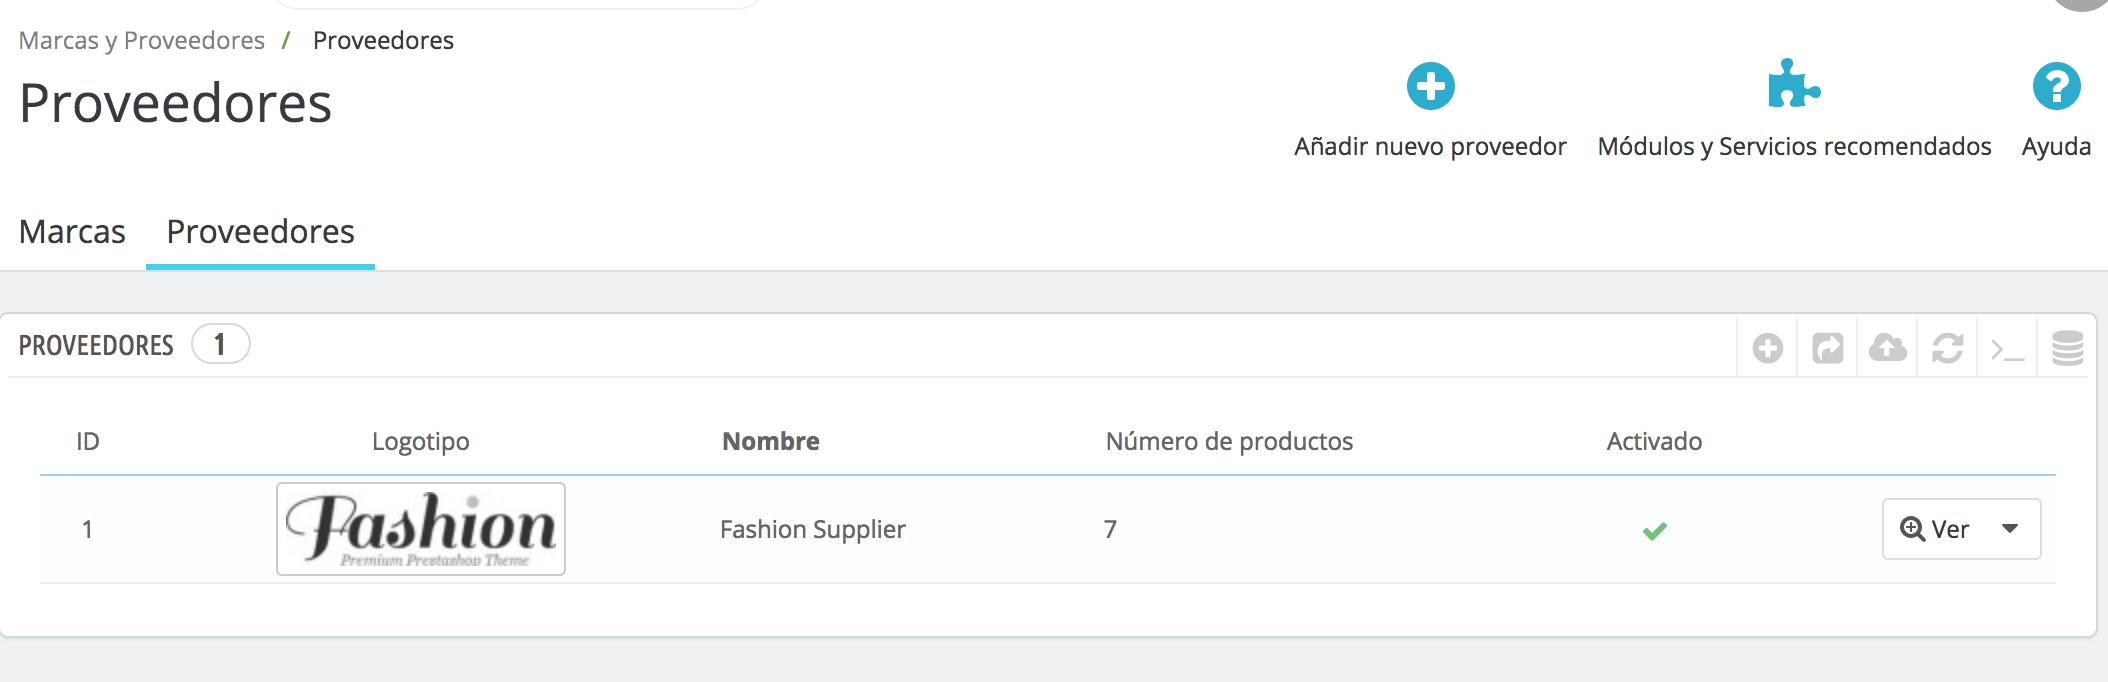 Fügt hinzu, ändert, importiert oder exportiert Lieferanten aus der Liste